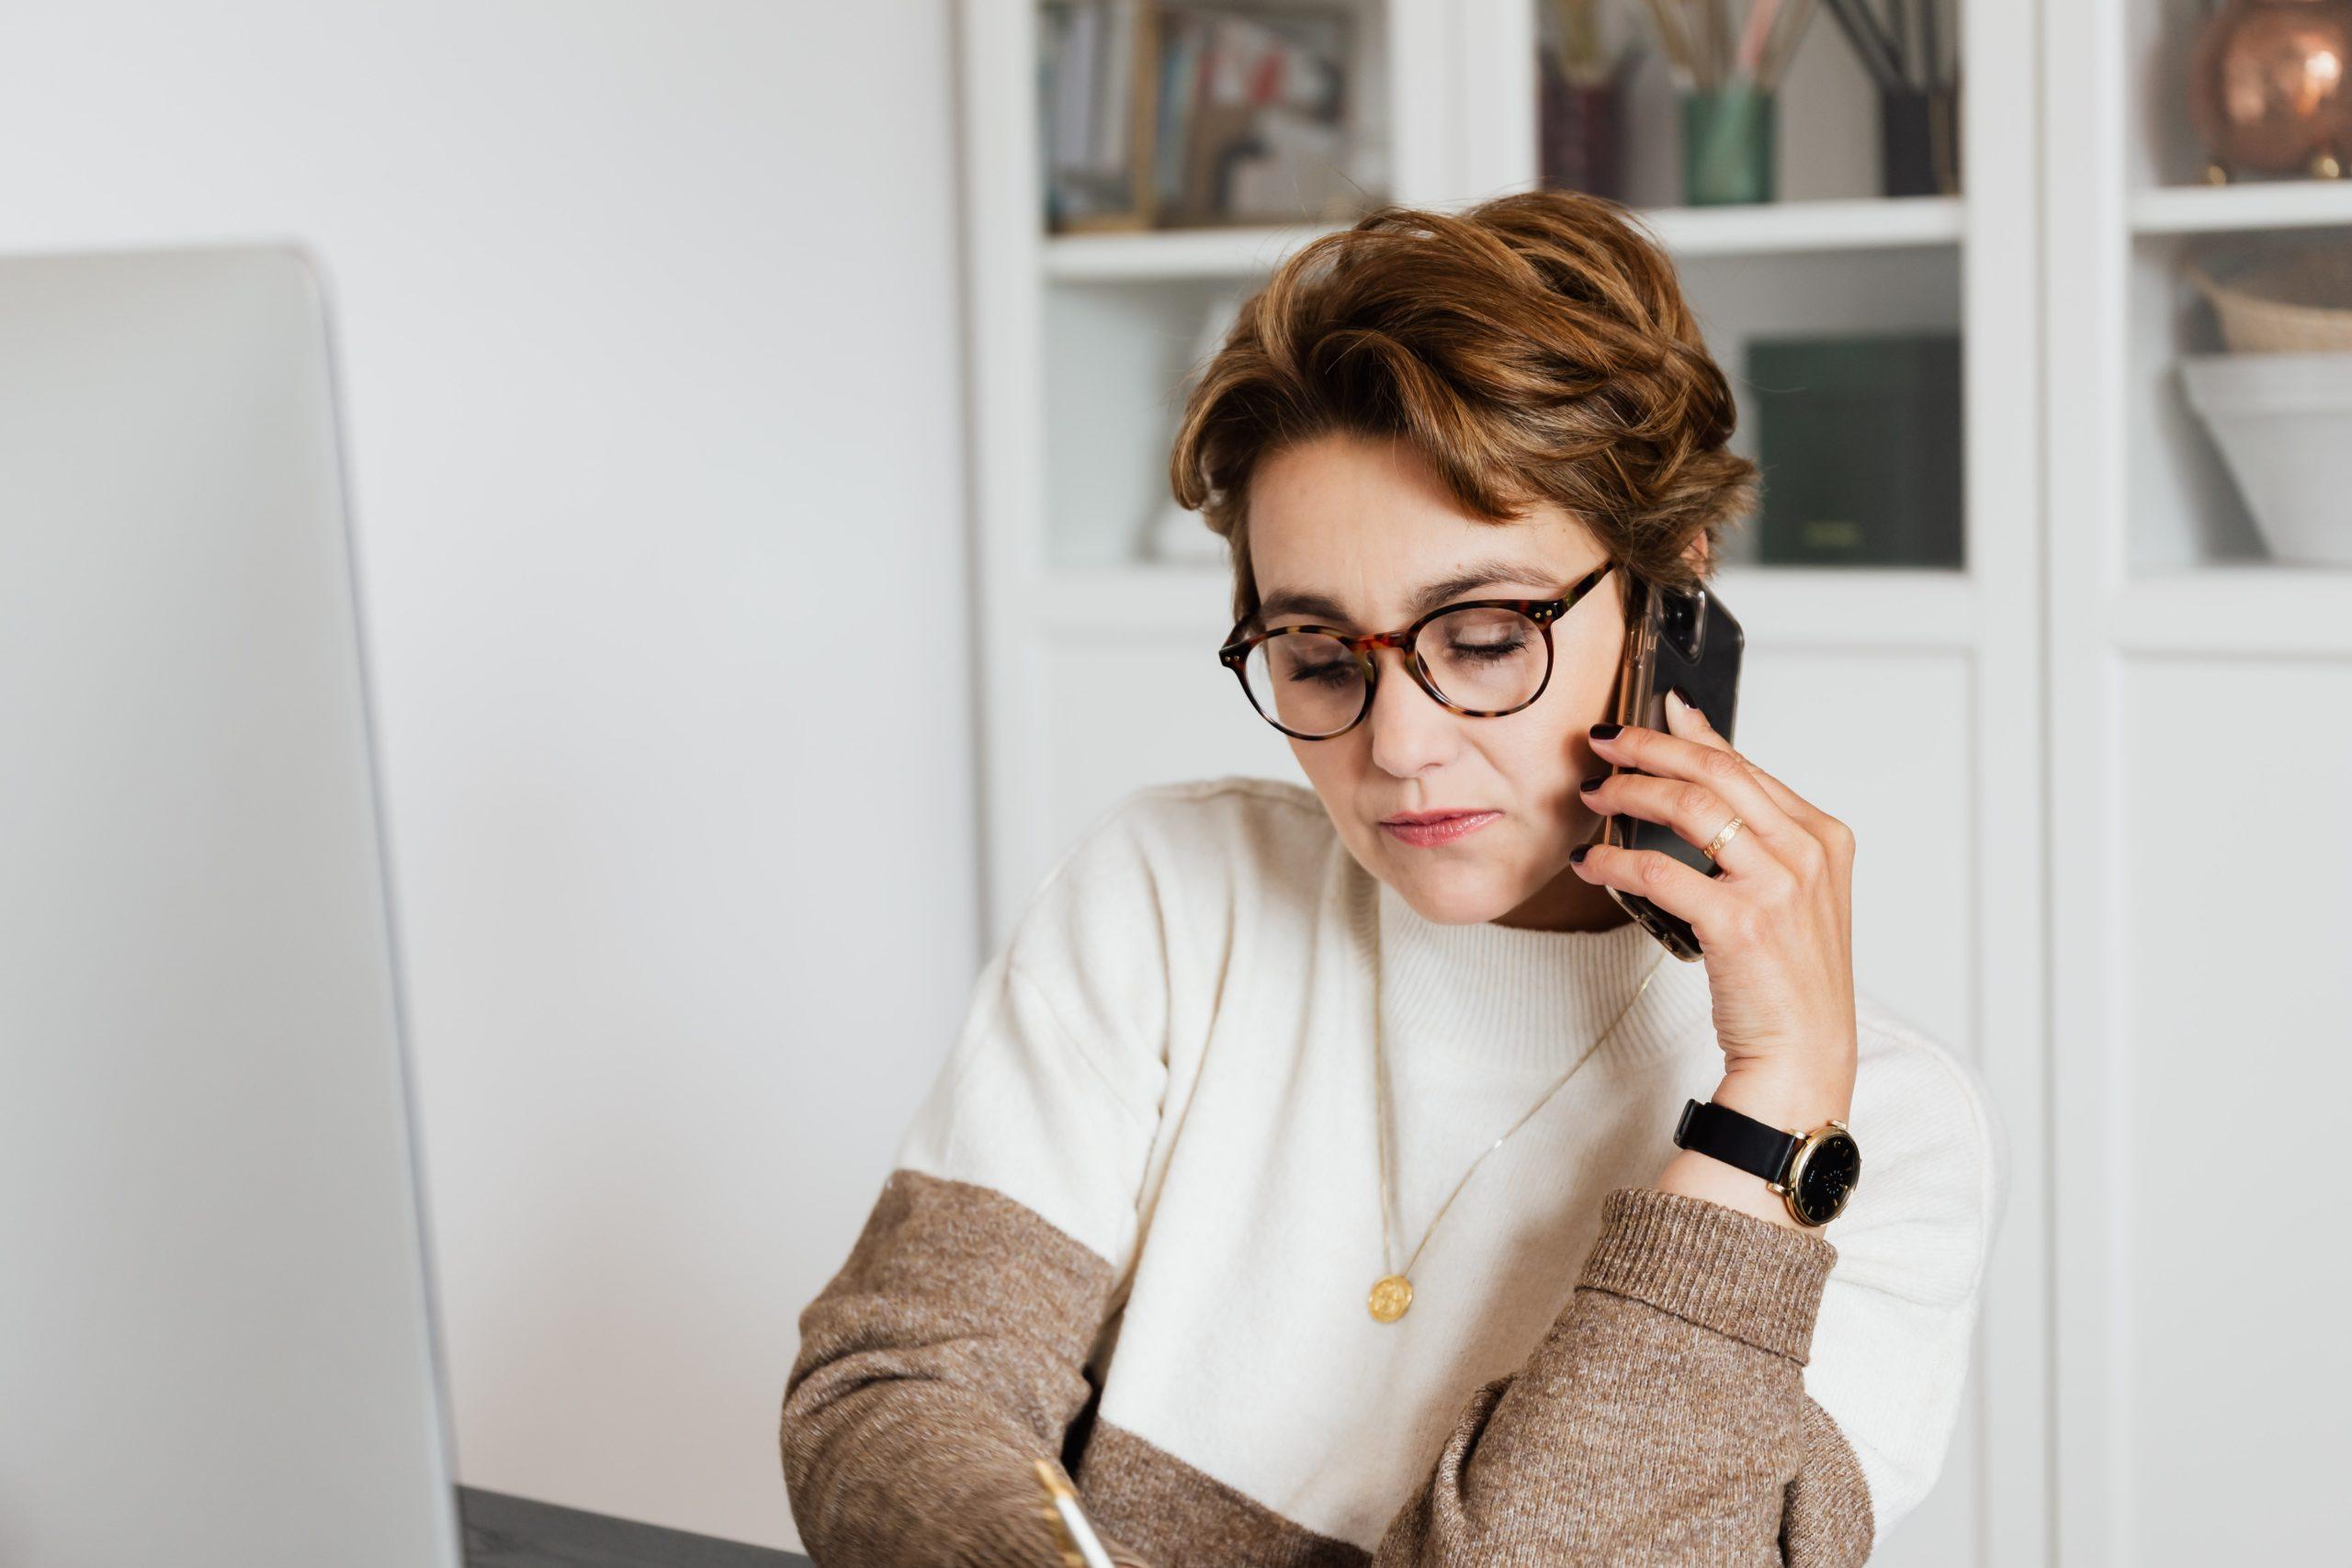 Einrichtungsleitung -Frau telefoniert